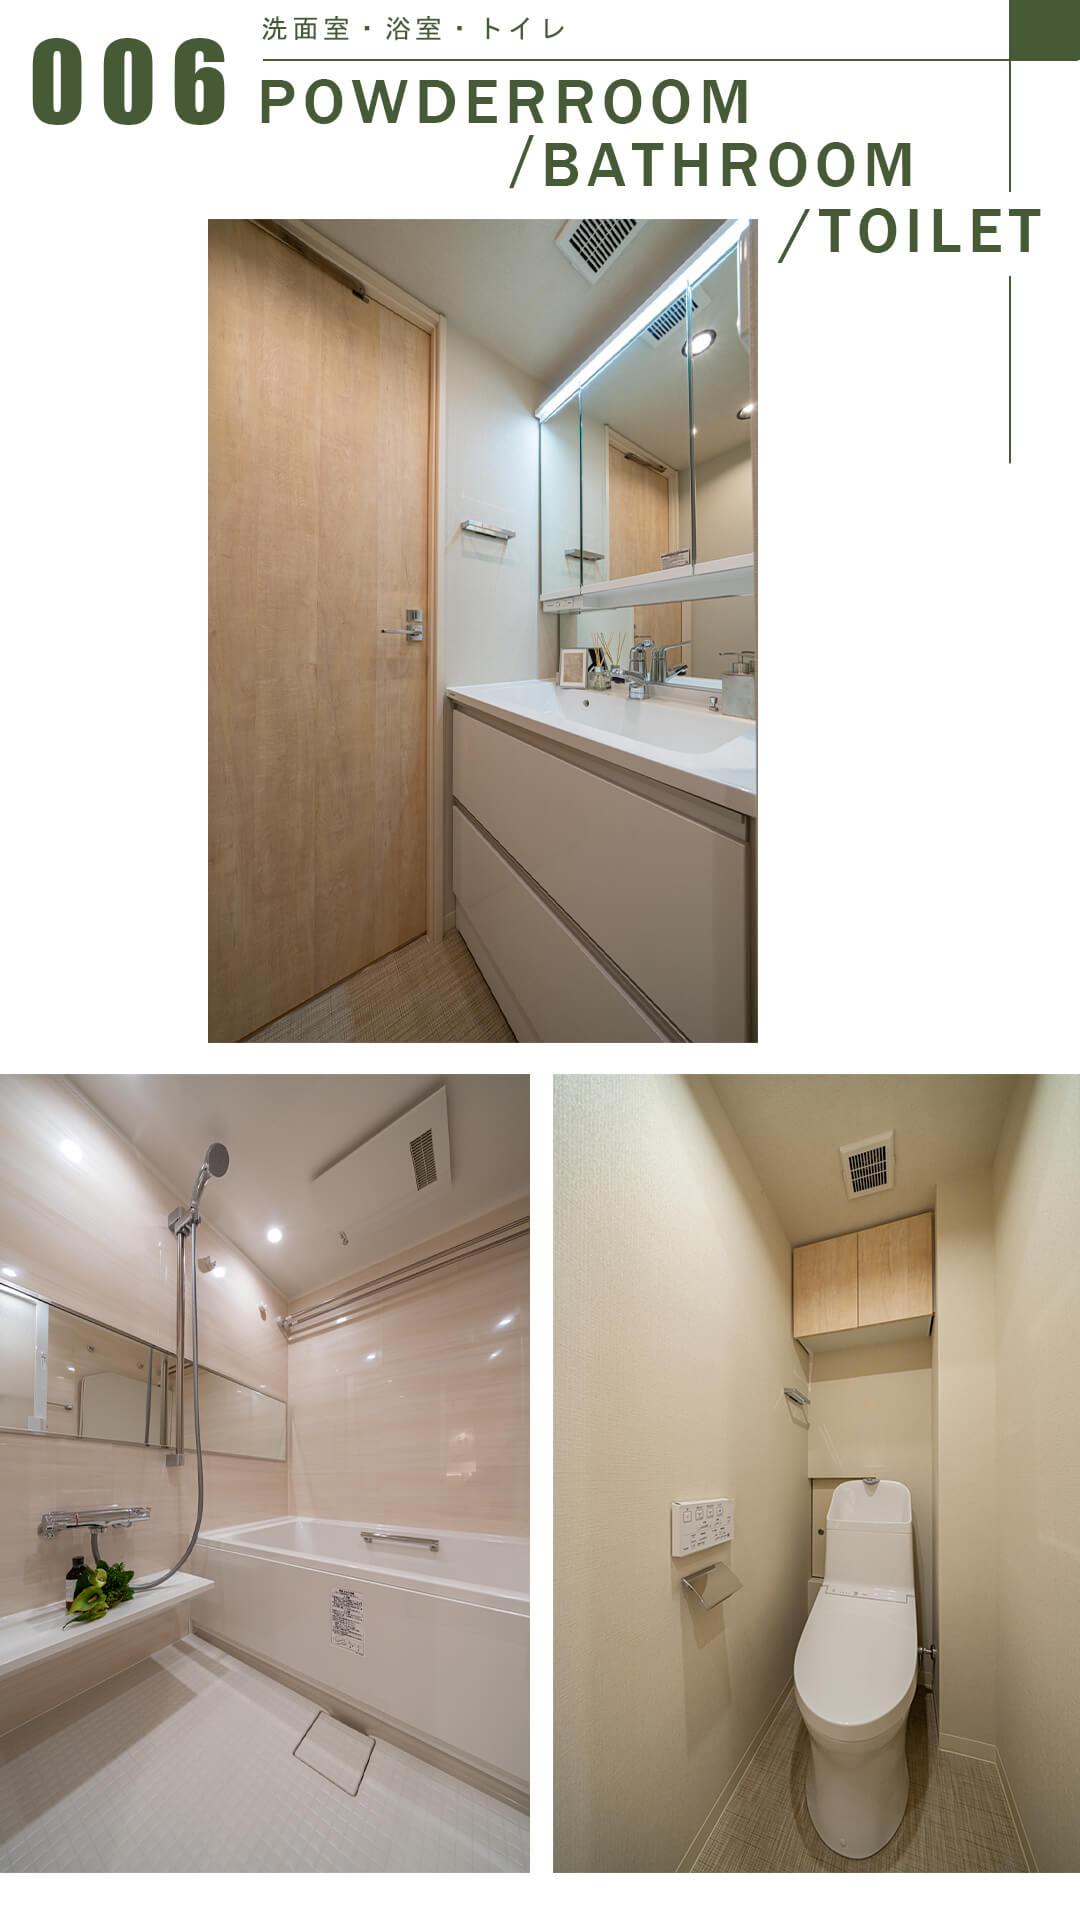 井の頭パークサイドマンションの洗面室と浴室とトイレ